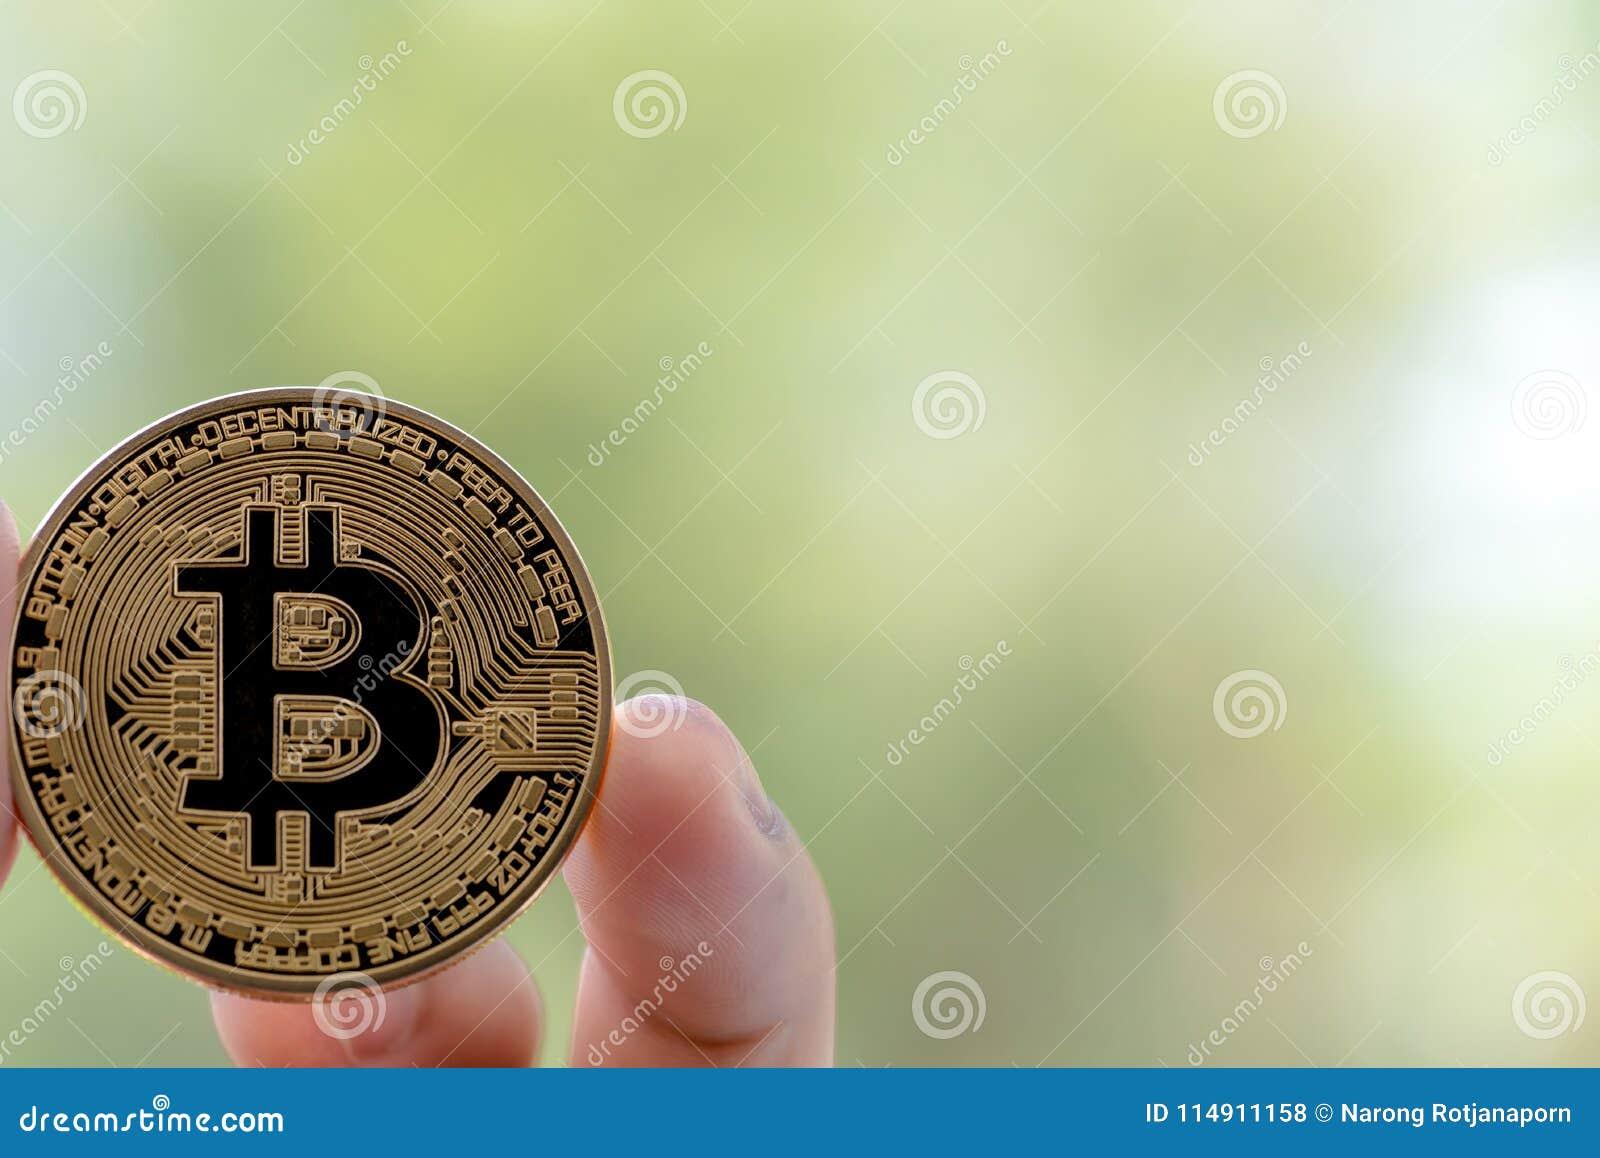 bitcoin cash to dollar